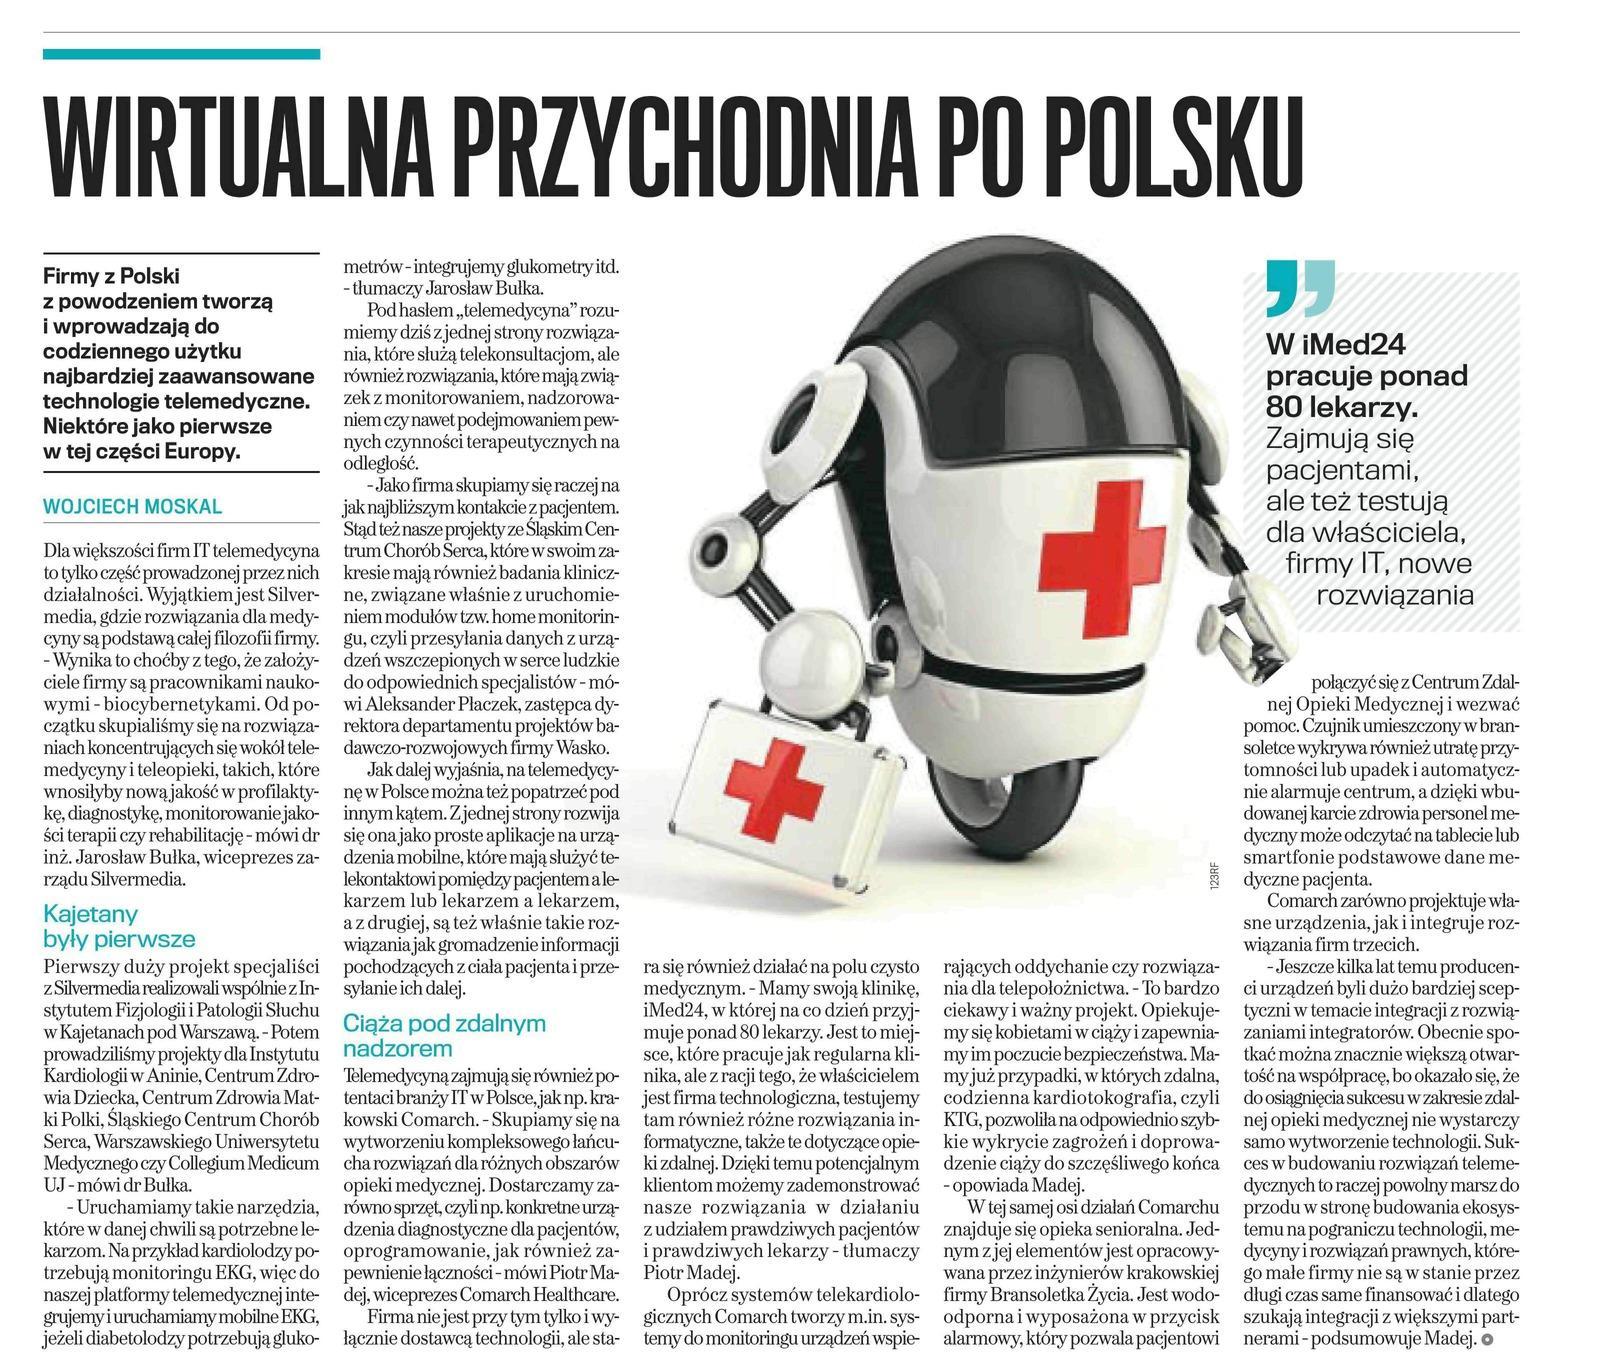 gazeta_wyborcza_tylko_zdrowie_2016_11_25_wirtualna_przychodnia_po_polsku__png_bn_p_k_50_1.png